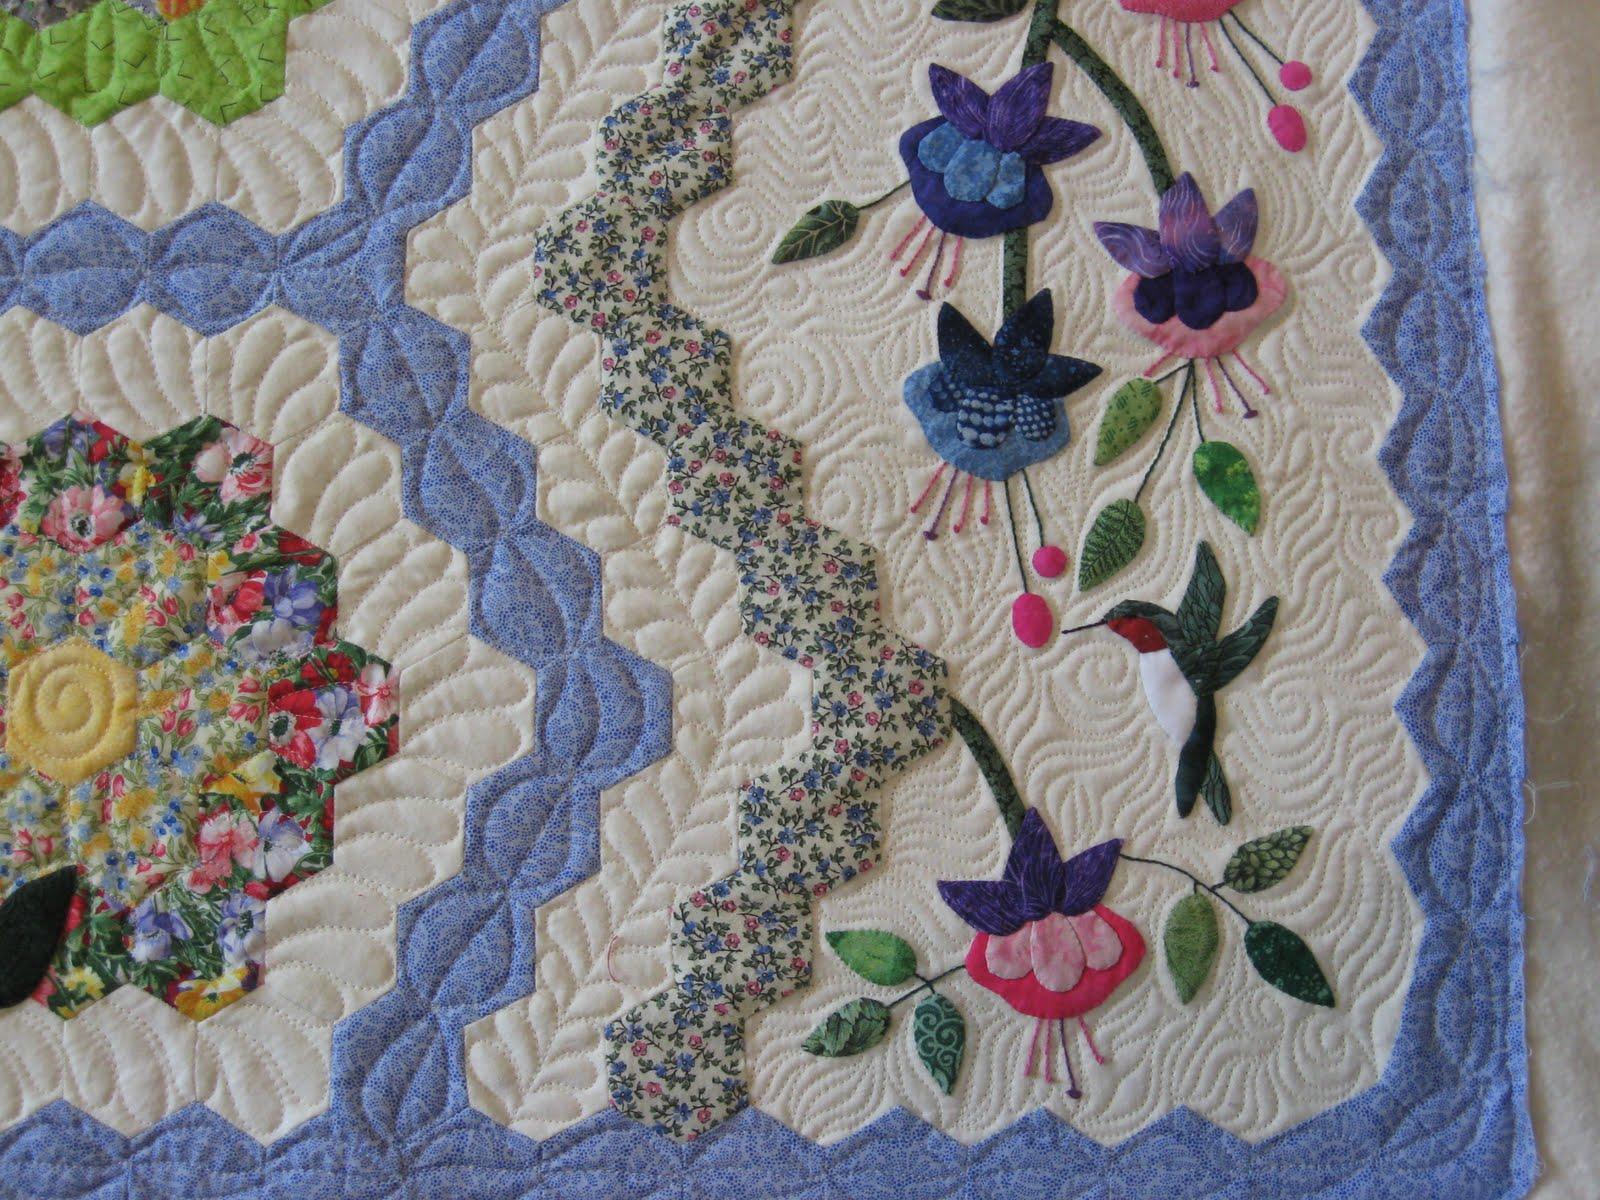 twiddletails: Quilting Grandmother's Flower Garden